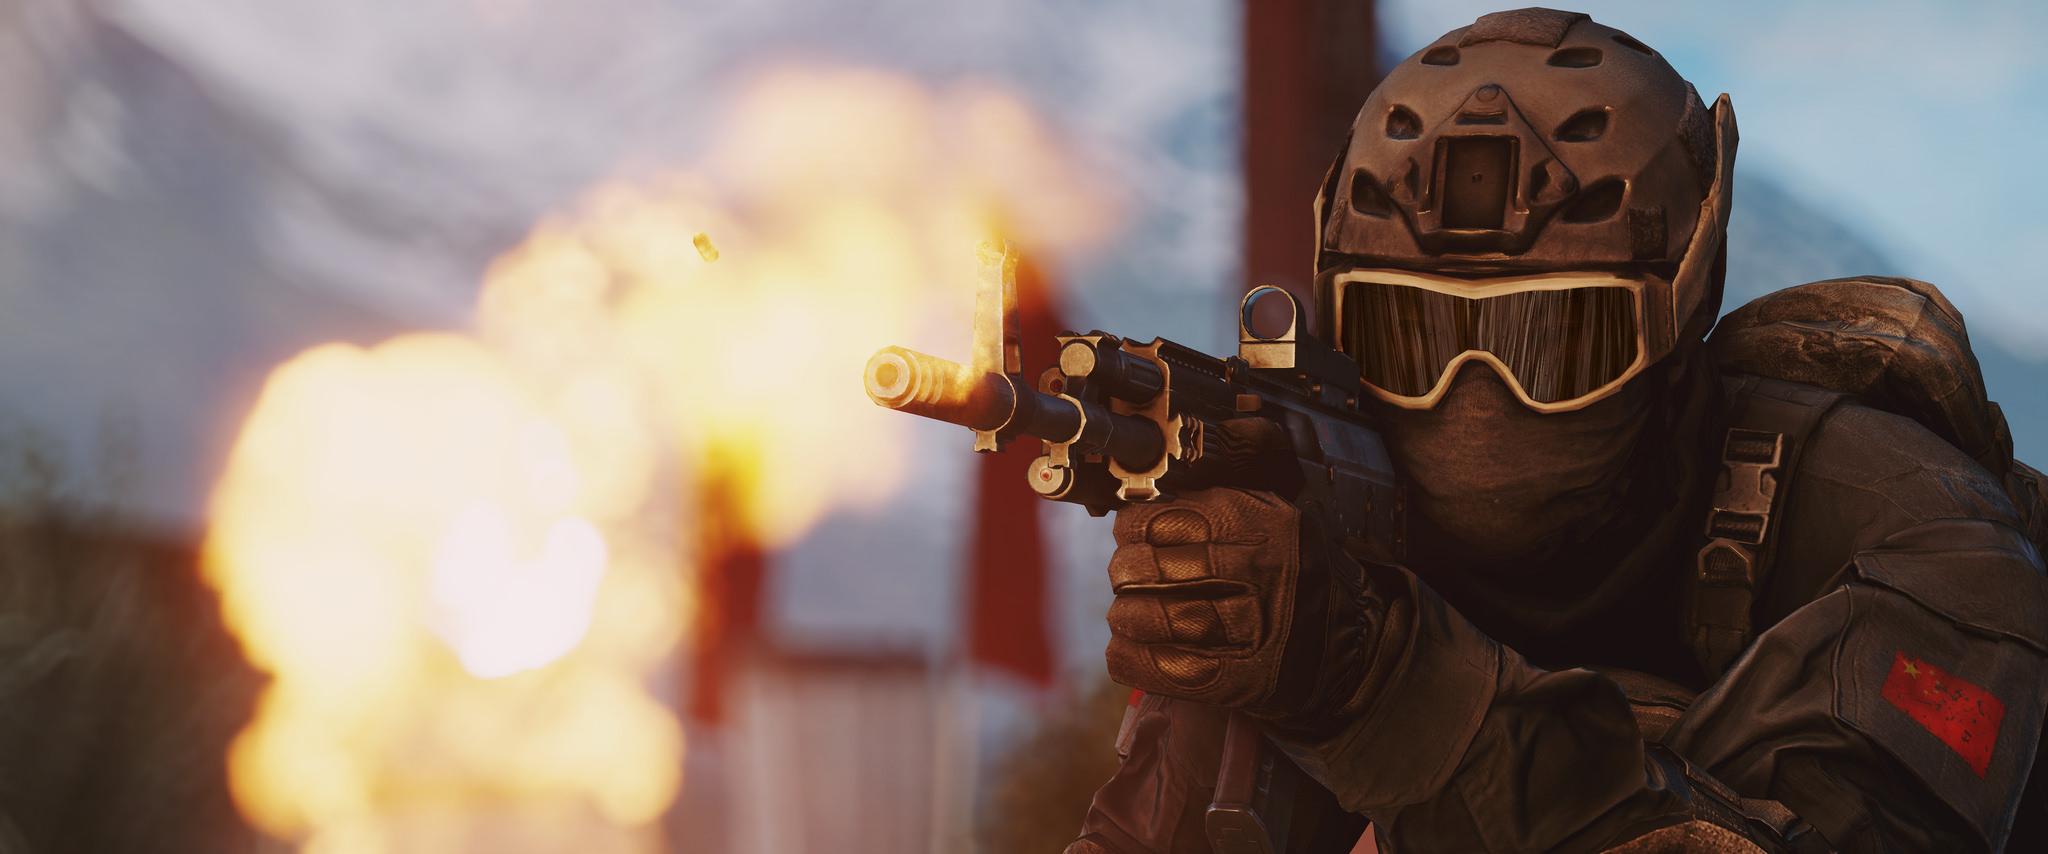 24231597471_1f973b43a2_k.jpg - Battlefield 4